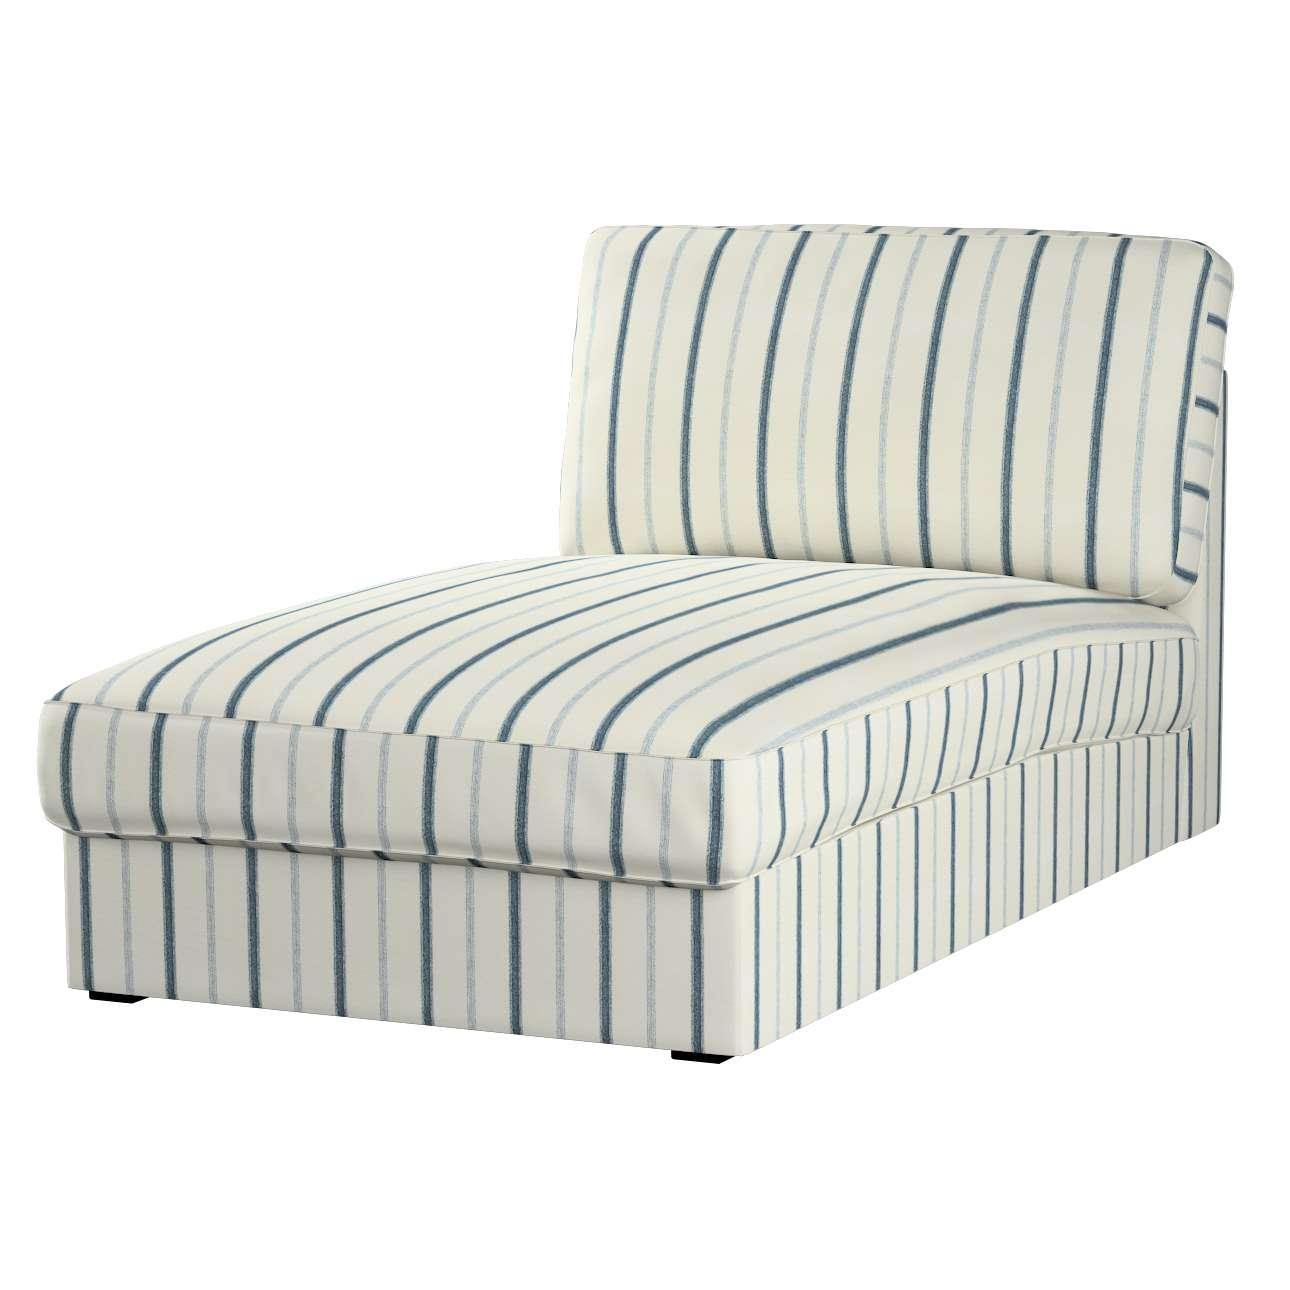 KIVIK gulimojo krėslo užvalkalas Kivik chaise longue kolekcijoje Avinon, audinys: 129-66